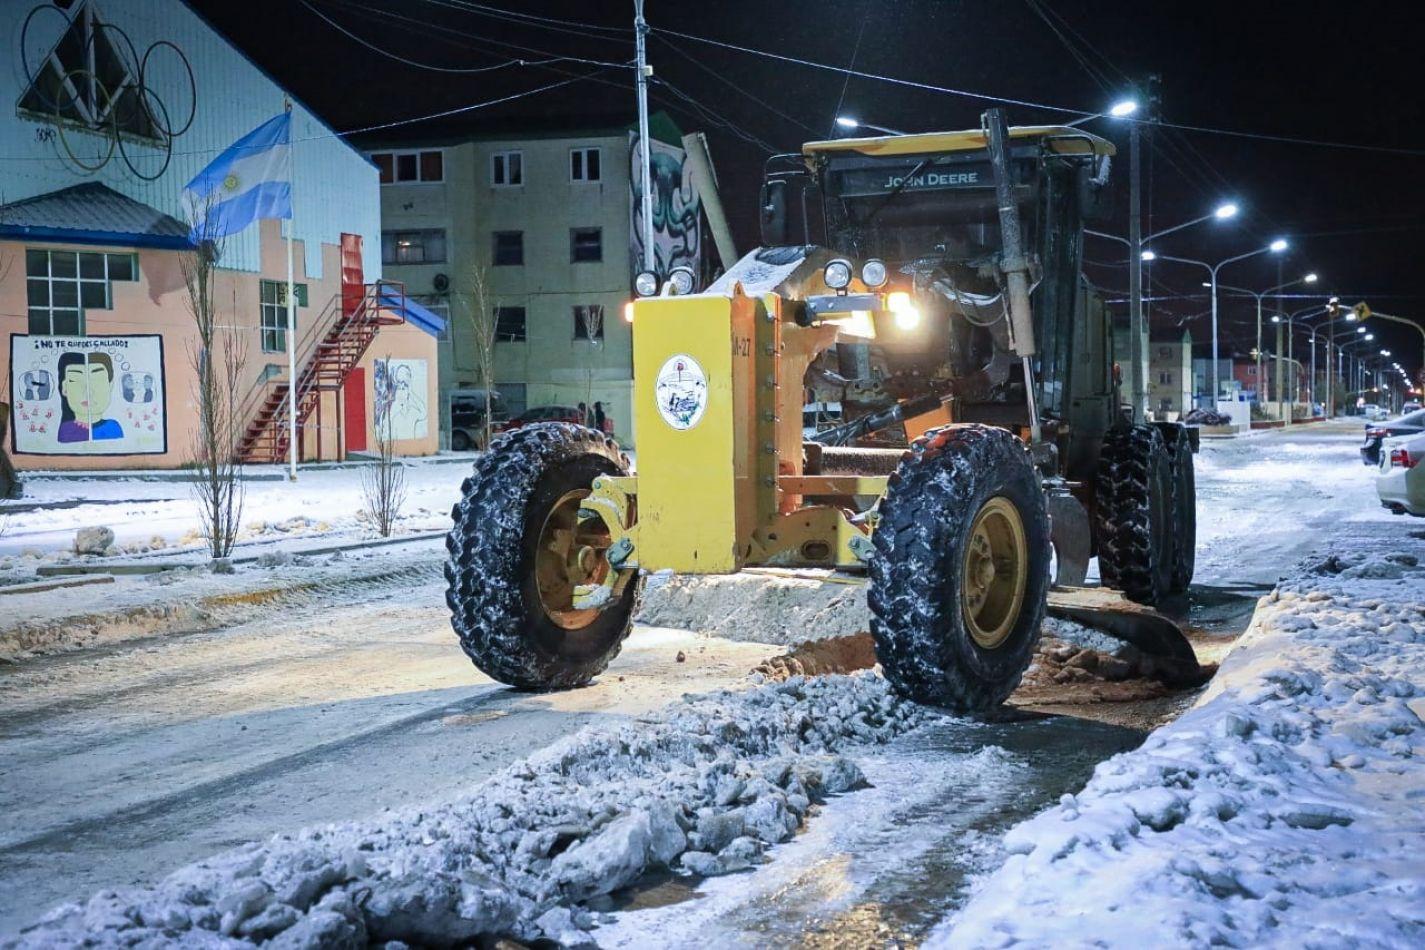 El Intendente destacó la tarea de los trabajadores municipales en un operativo histórico